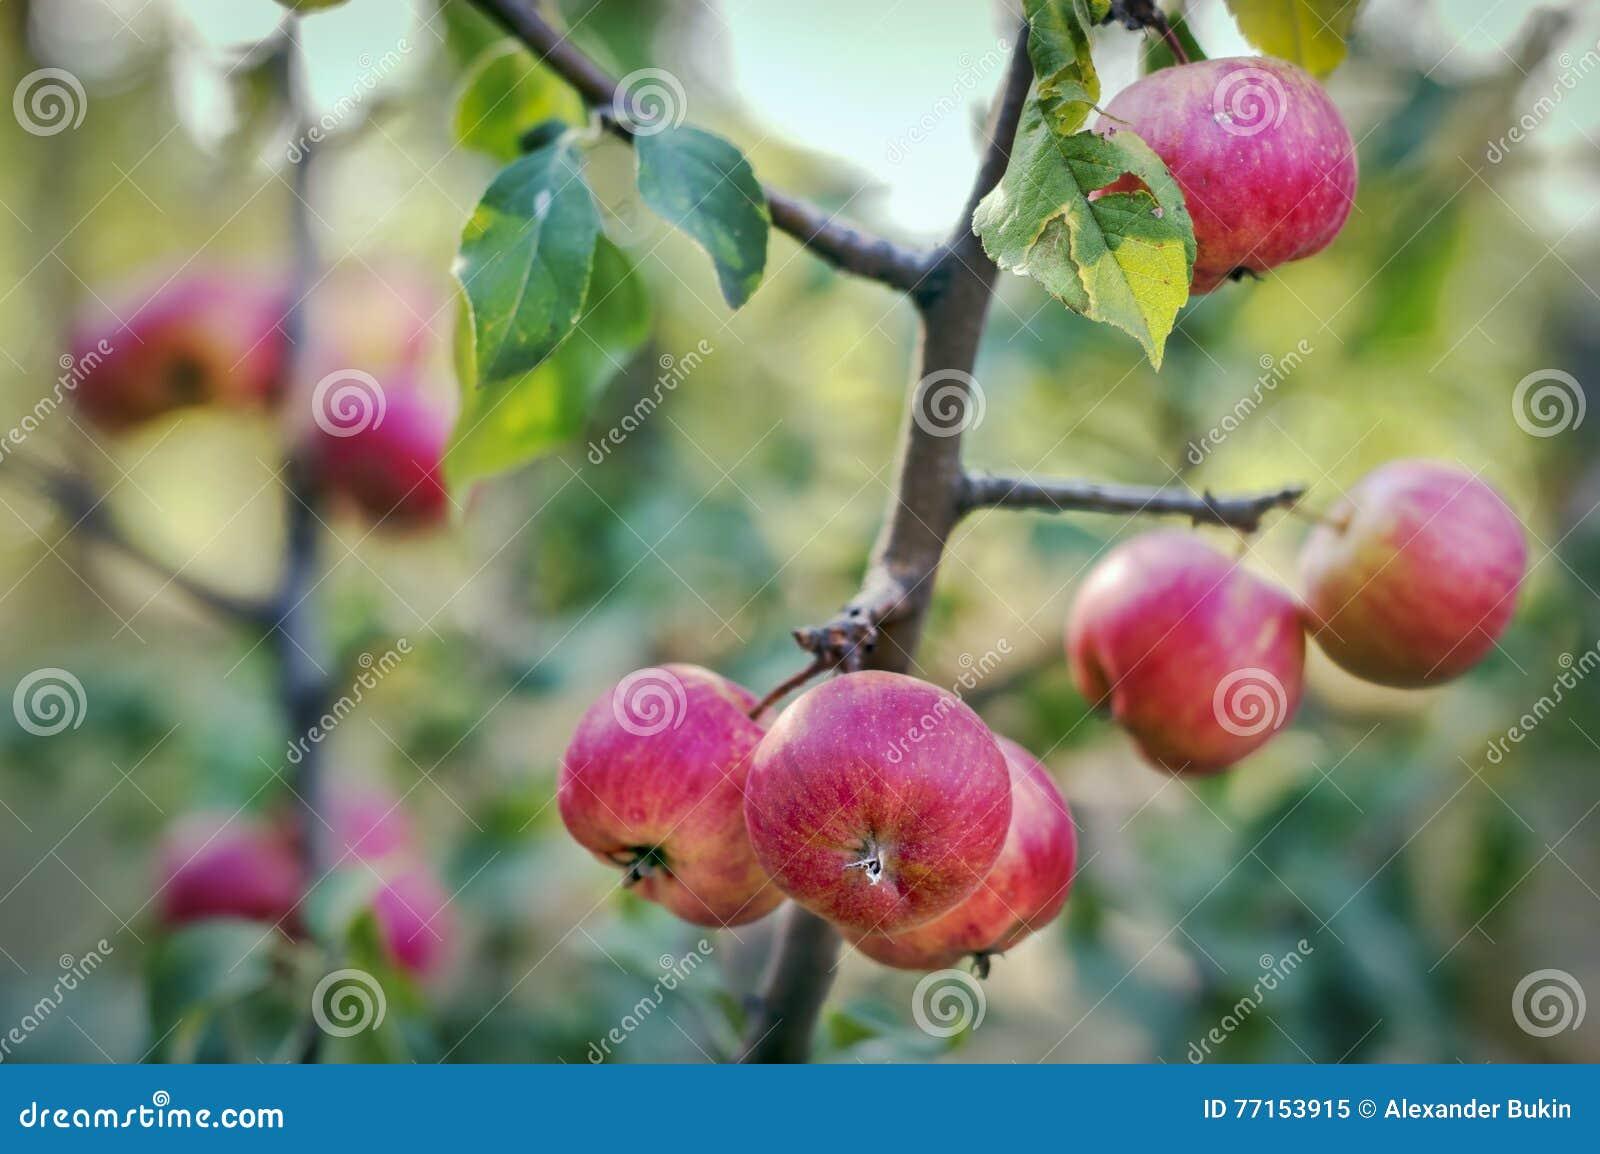 Les pommes se développent dans le jardin